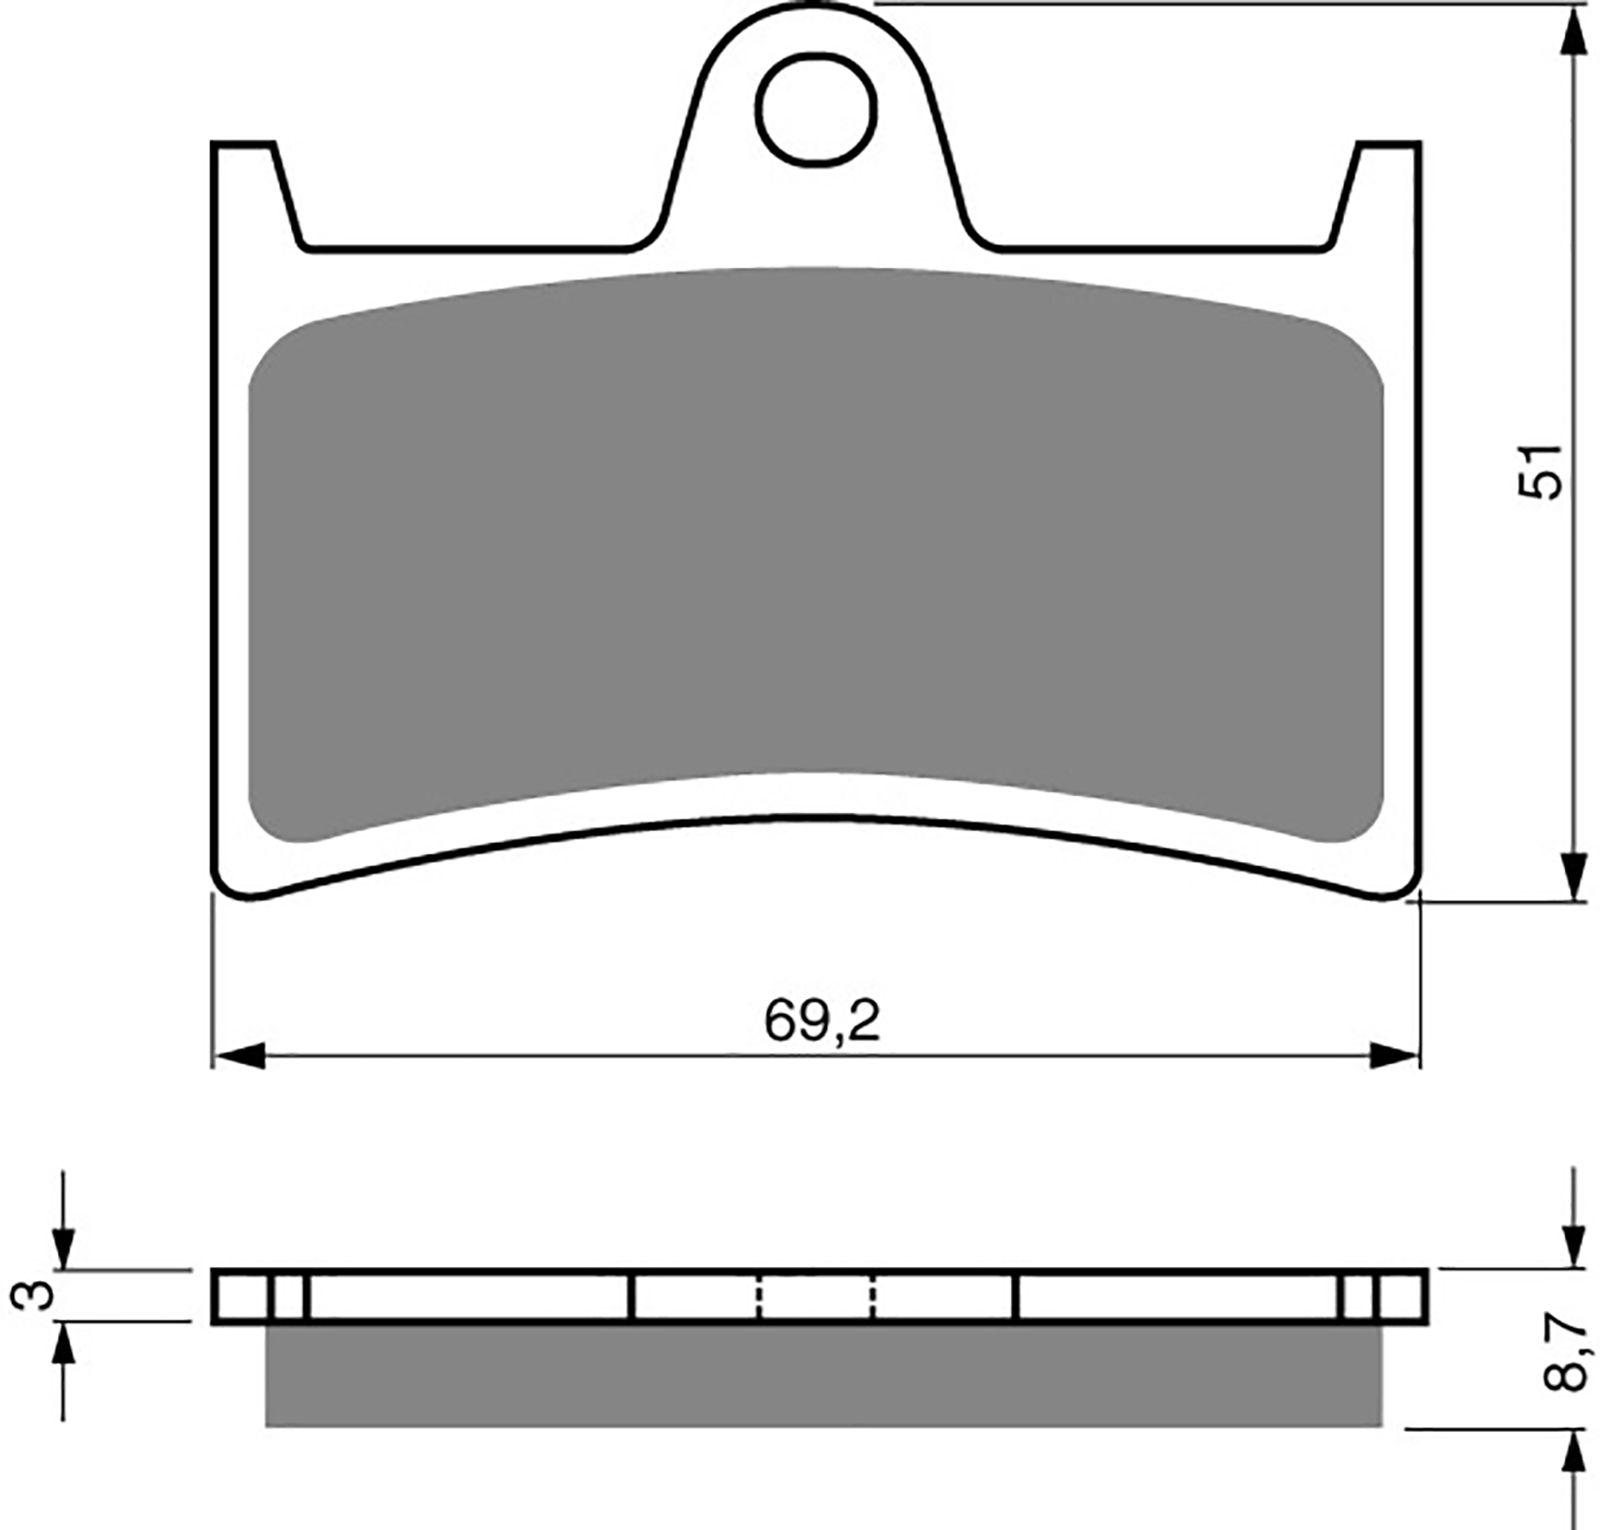 Goldfren Gp5 Brake Pads - 700070GG image